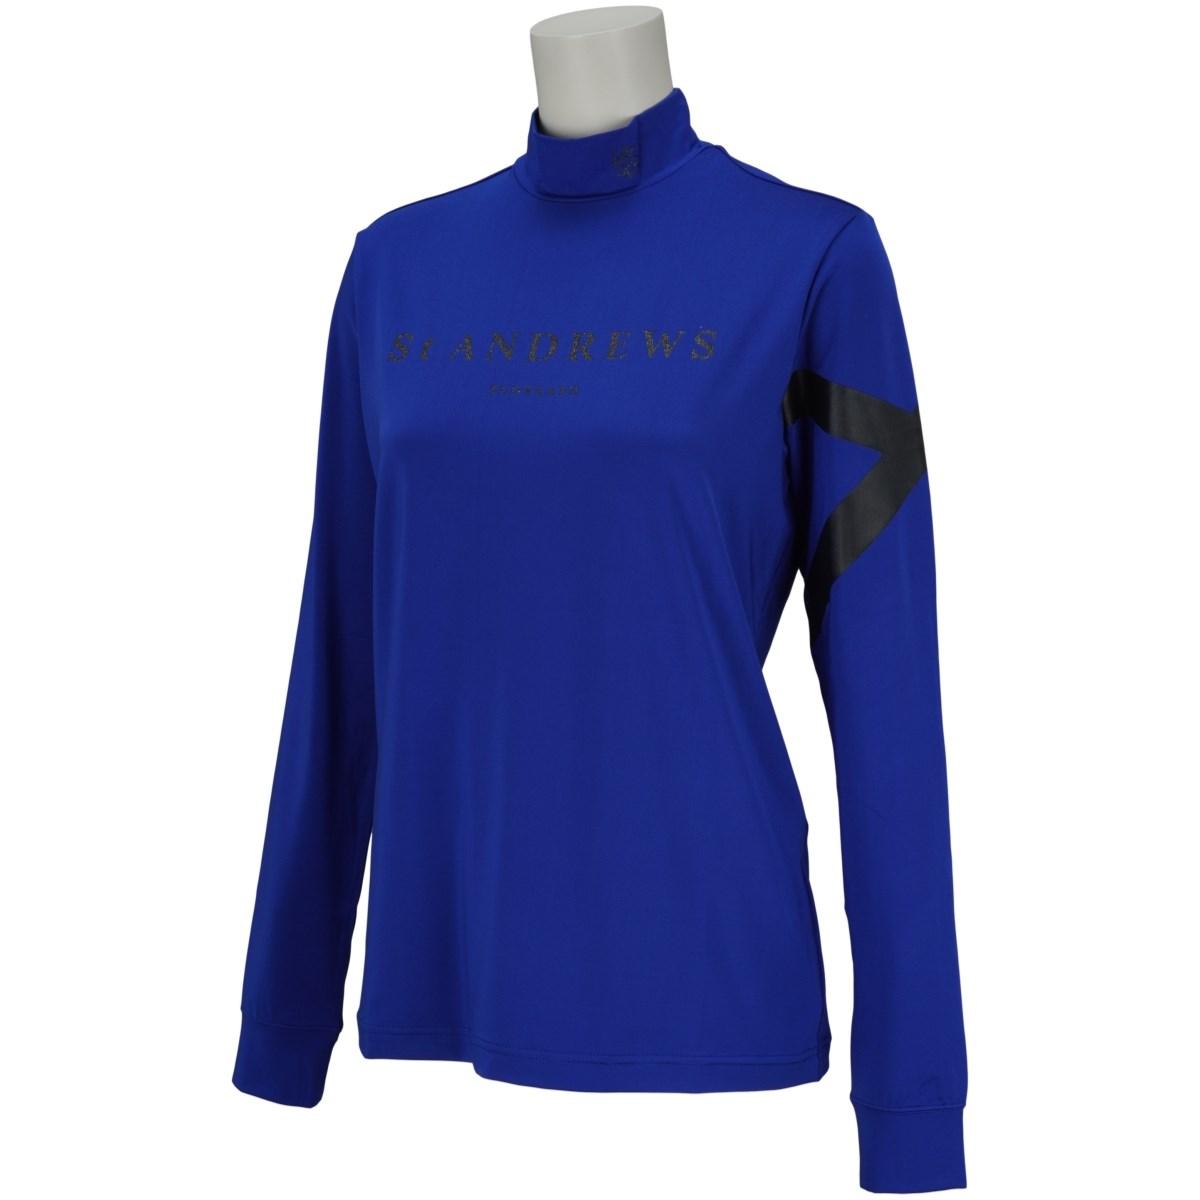 セント・アンドリュース St ANDREWS 長袖ハイネックインナーシャツ L ブルー 110 レディス